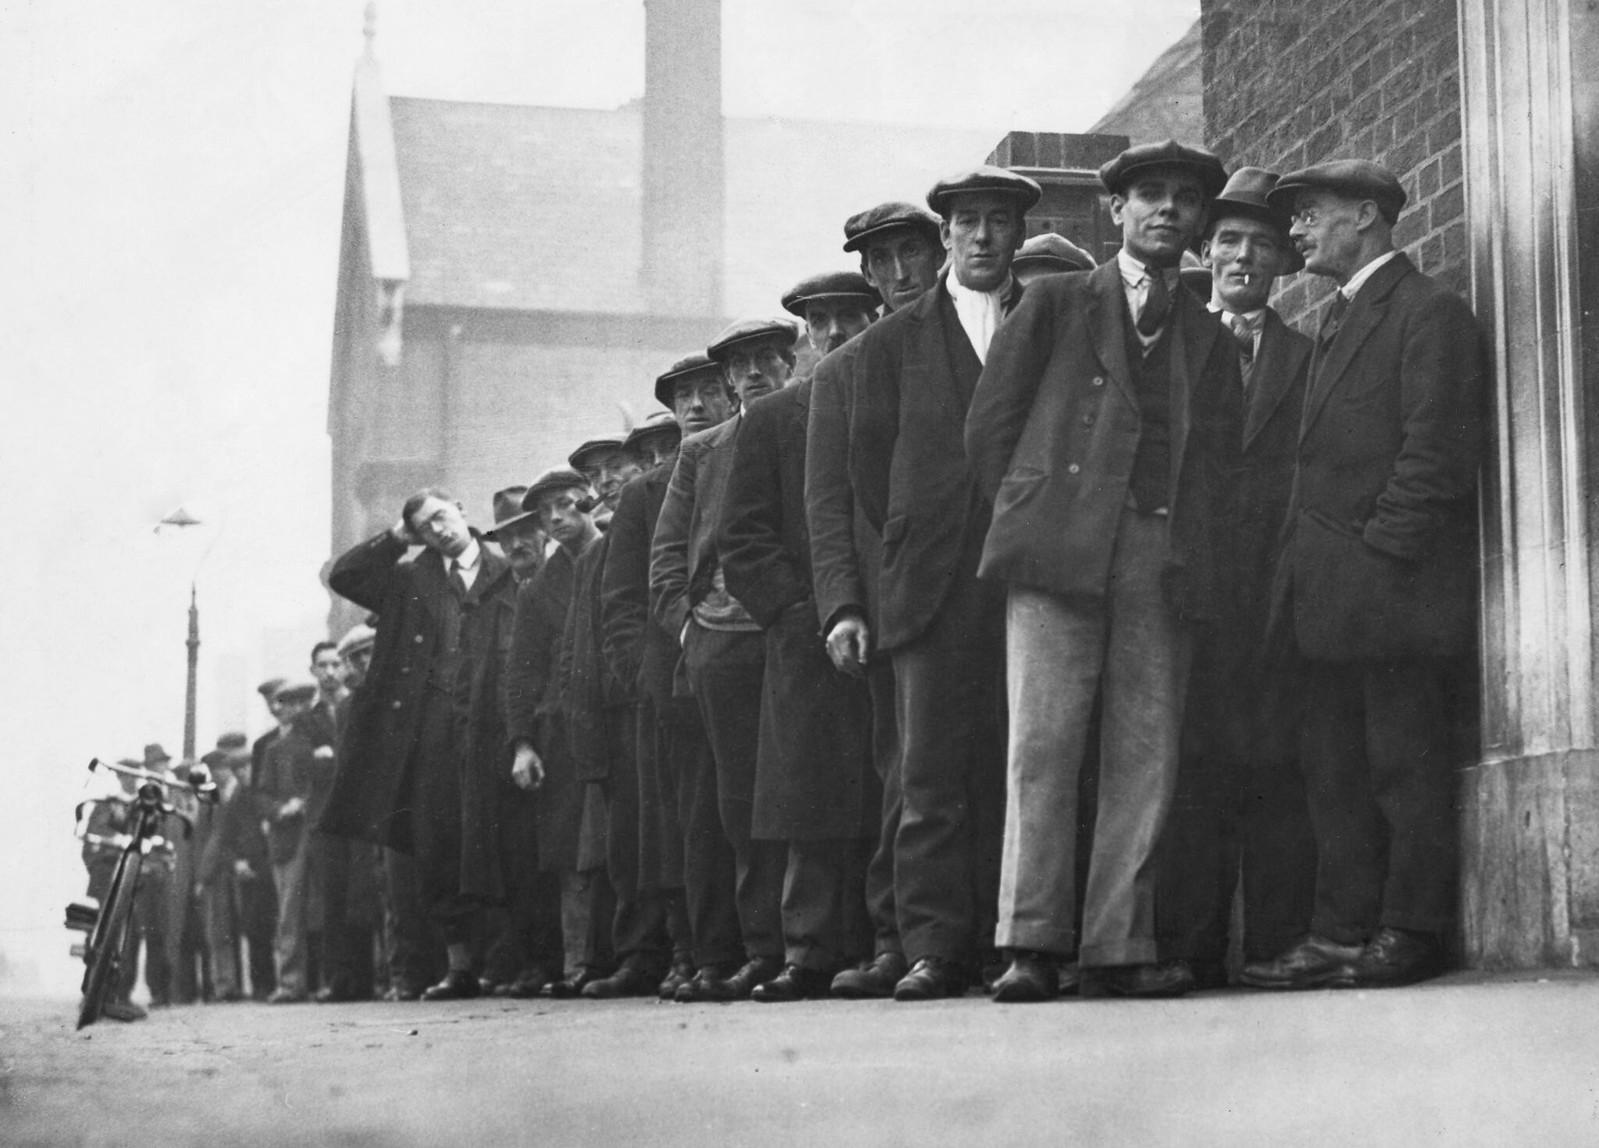 1931. Безработные мужчины выстраиваются в очередь на бирже труда в Мидлендсе 23 октября